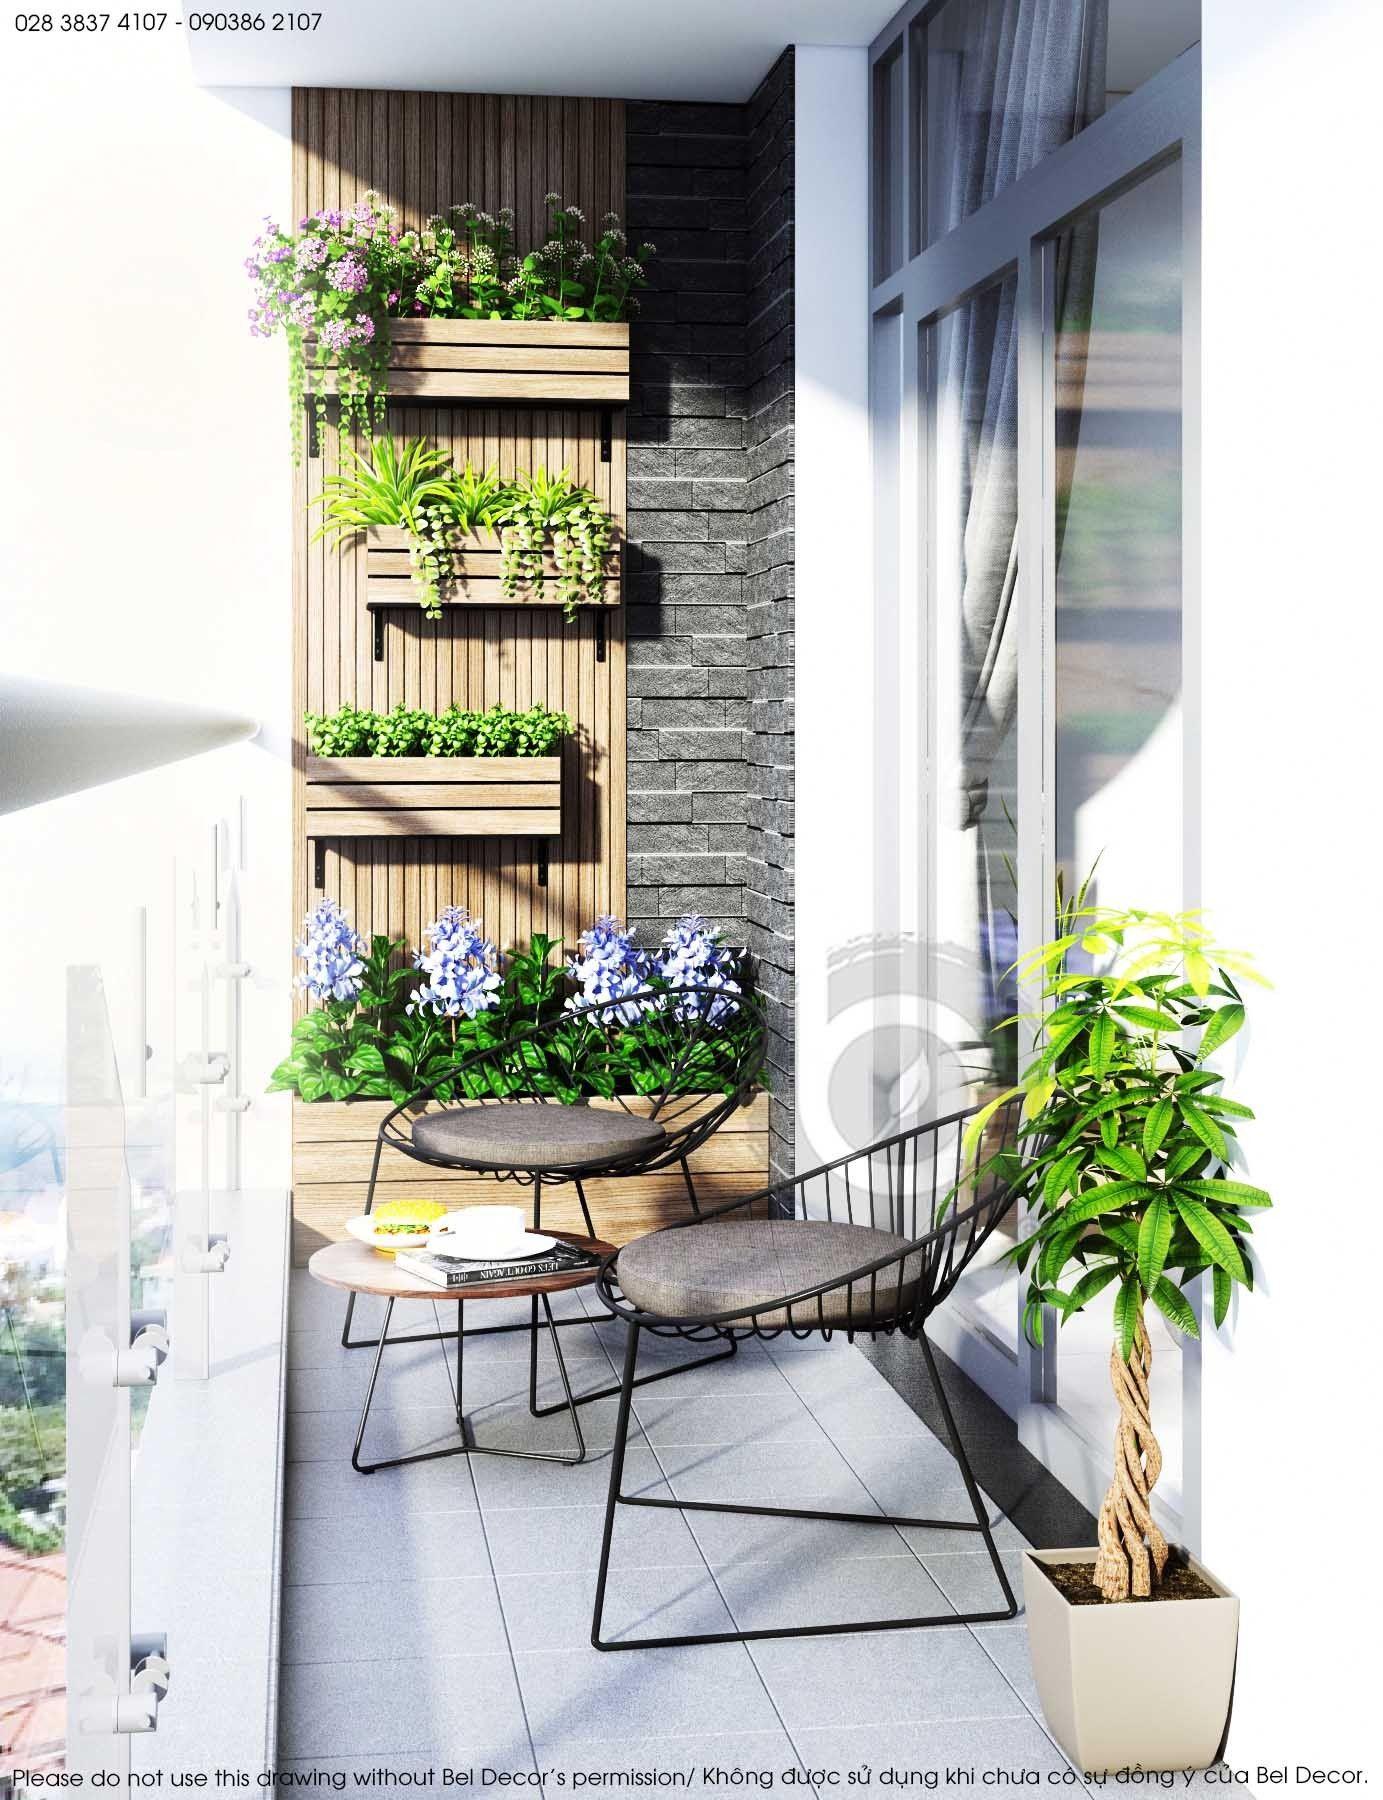 Ghim Của Suman Kundliya Tren Dry Balcony Trong 2020 Ban Cong Sống Ngoai Trời Y Tưởng Trang Tri Nha Cửa